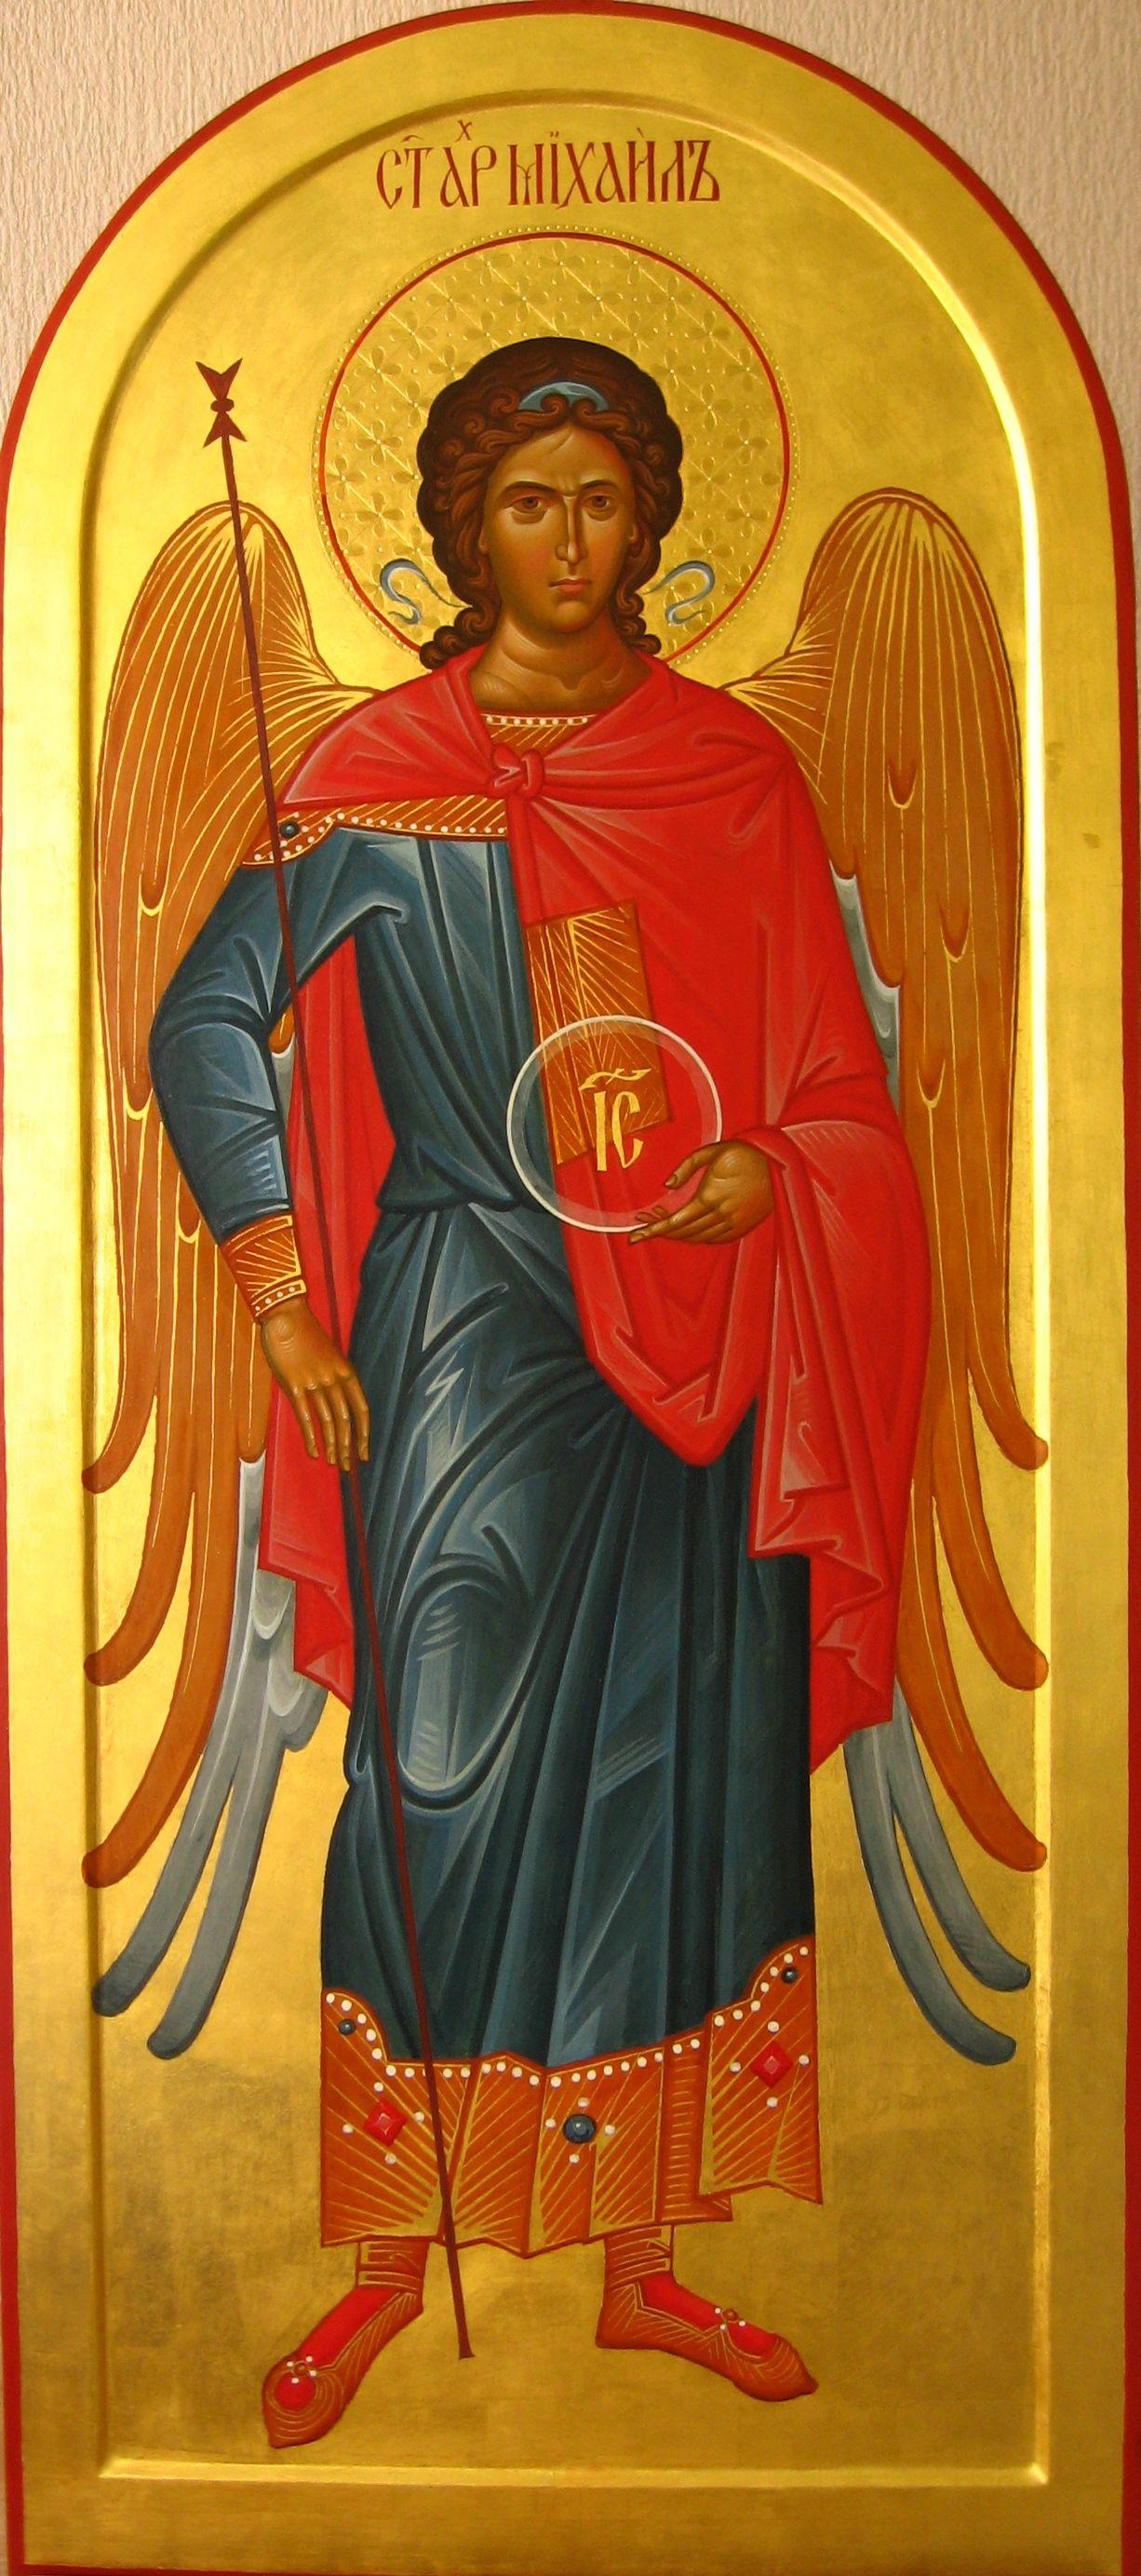 фото иконы святого михаила города-призраки